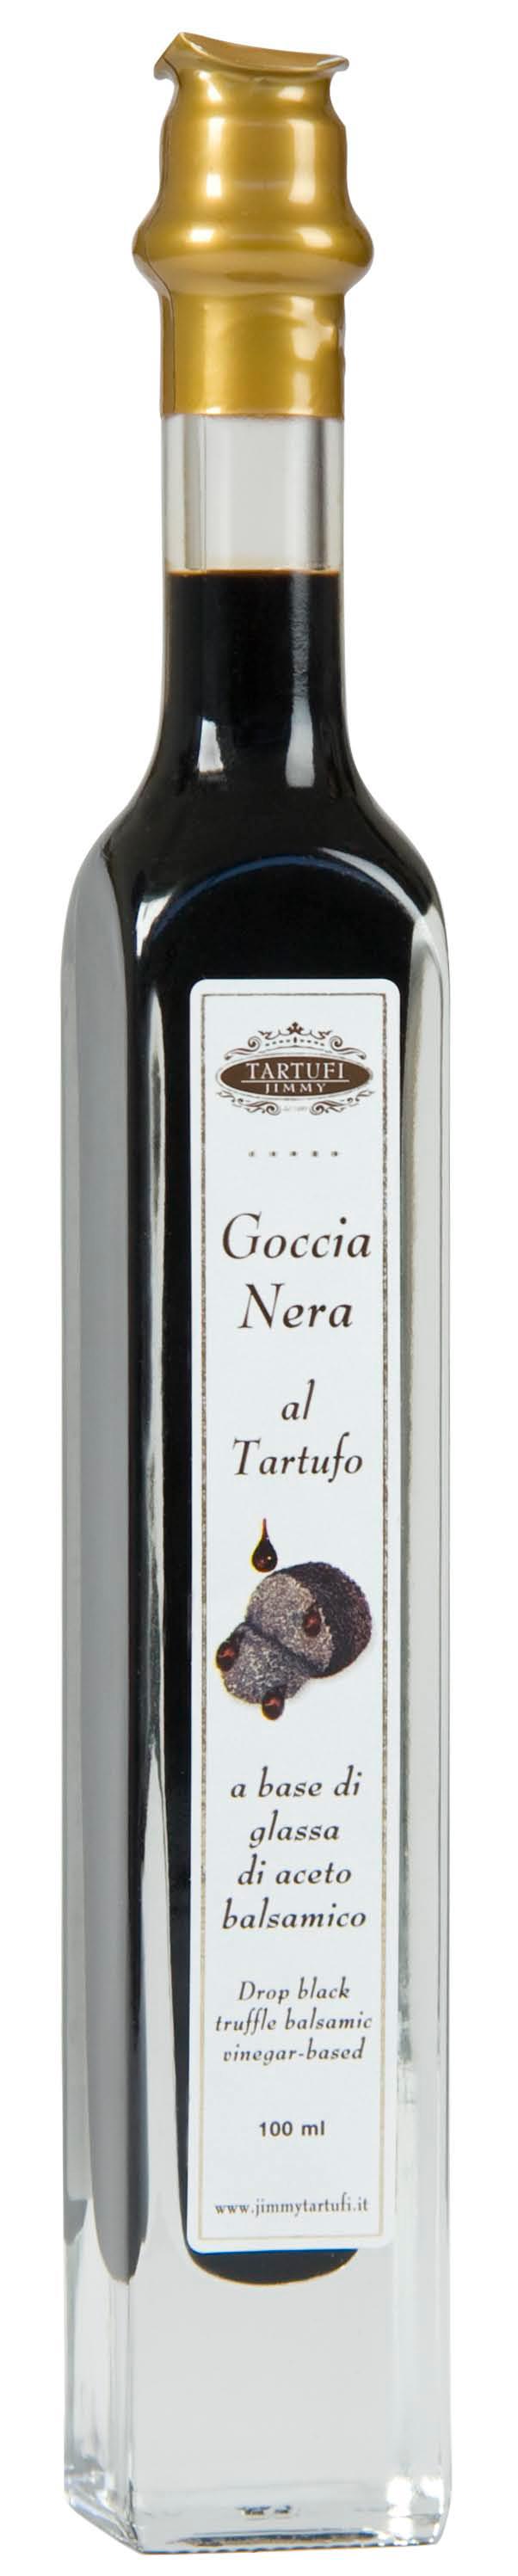 Goccia Nera al Tartufo glassa a base di aceto balsamico